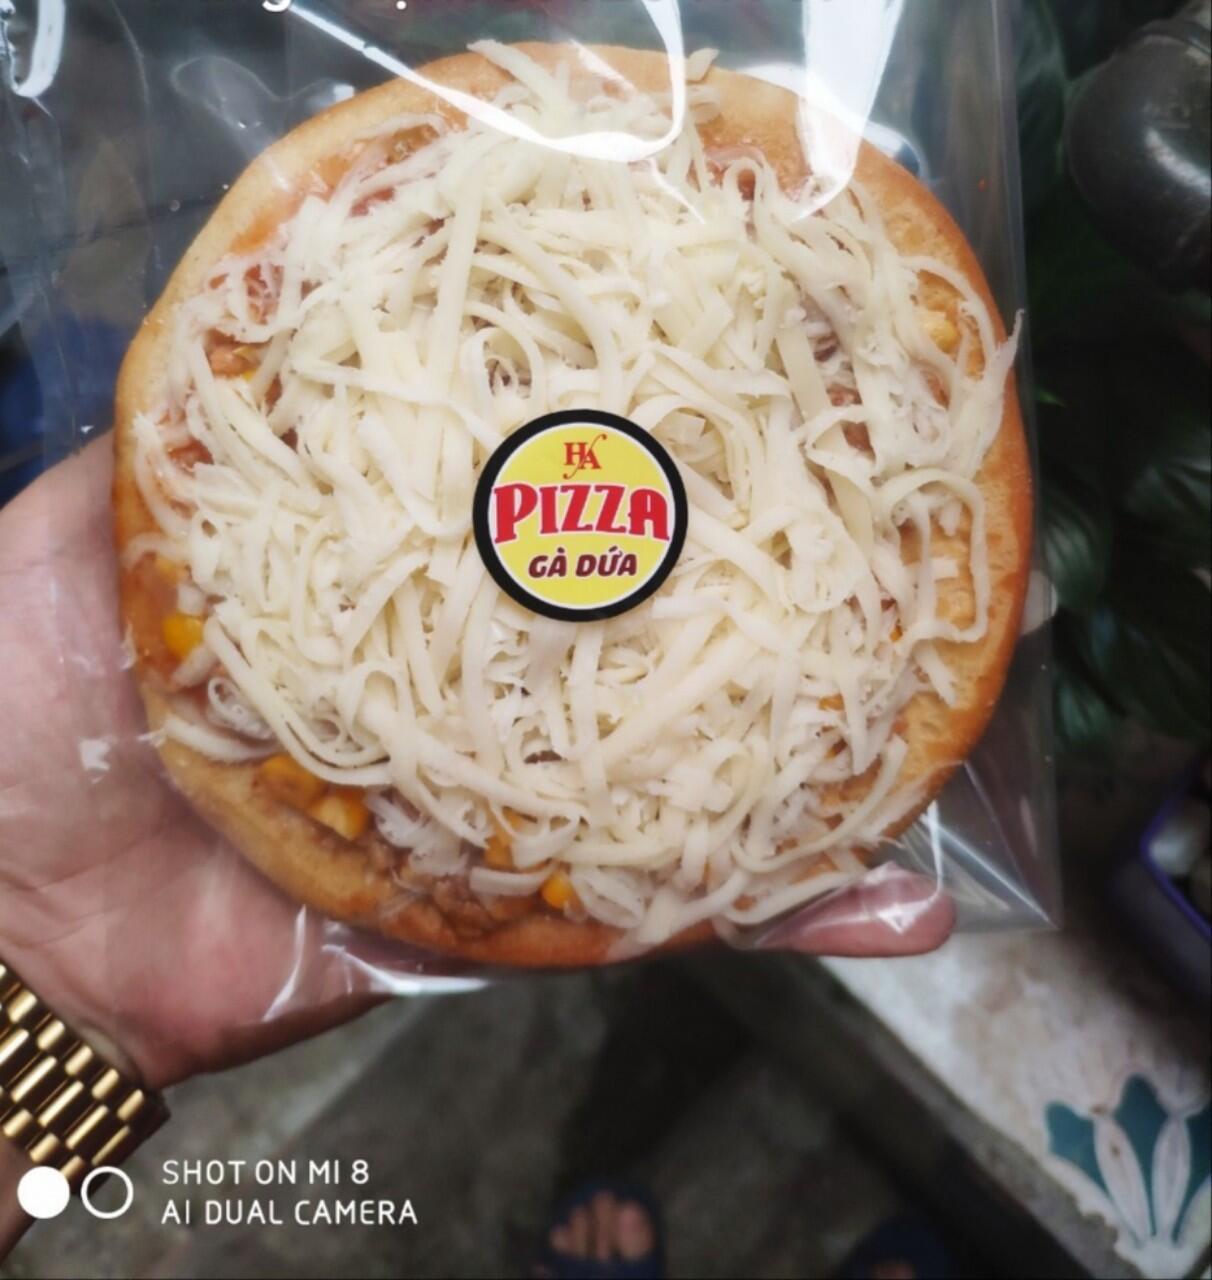 PIZZA MINI 120G